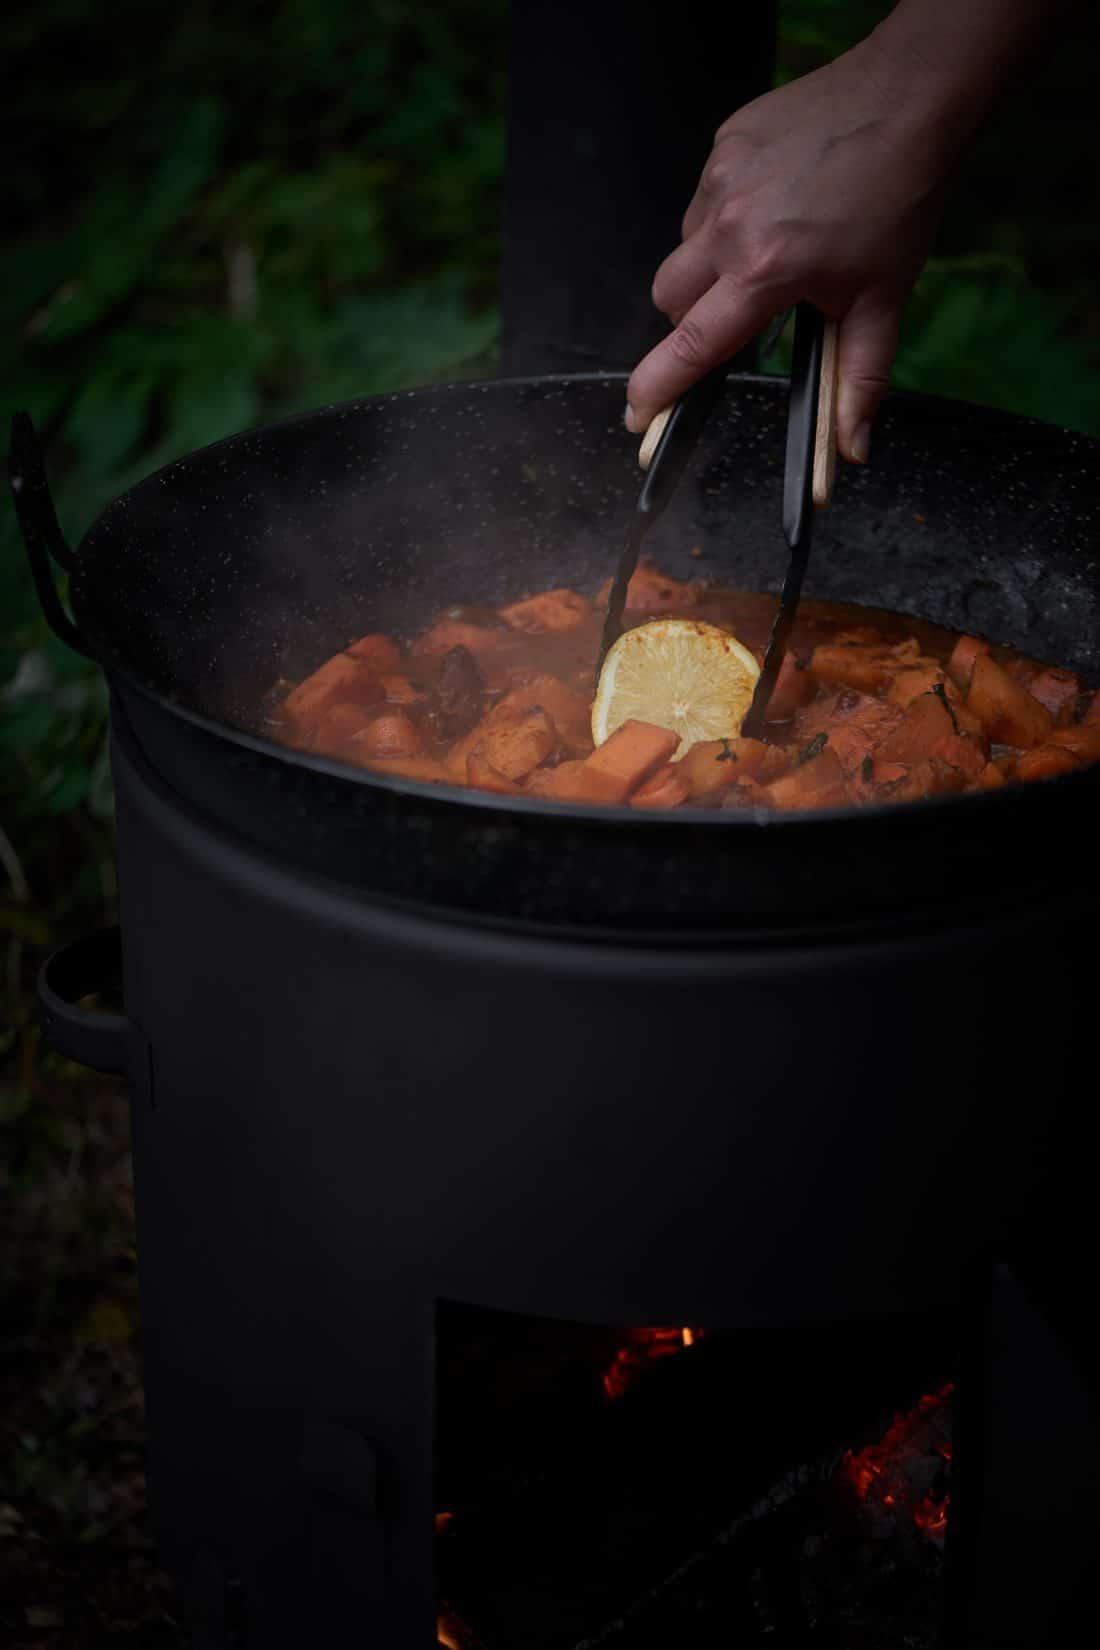 VUUR LAB. buiren kookkachel met wokpan